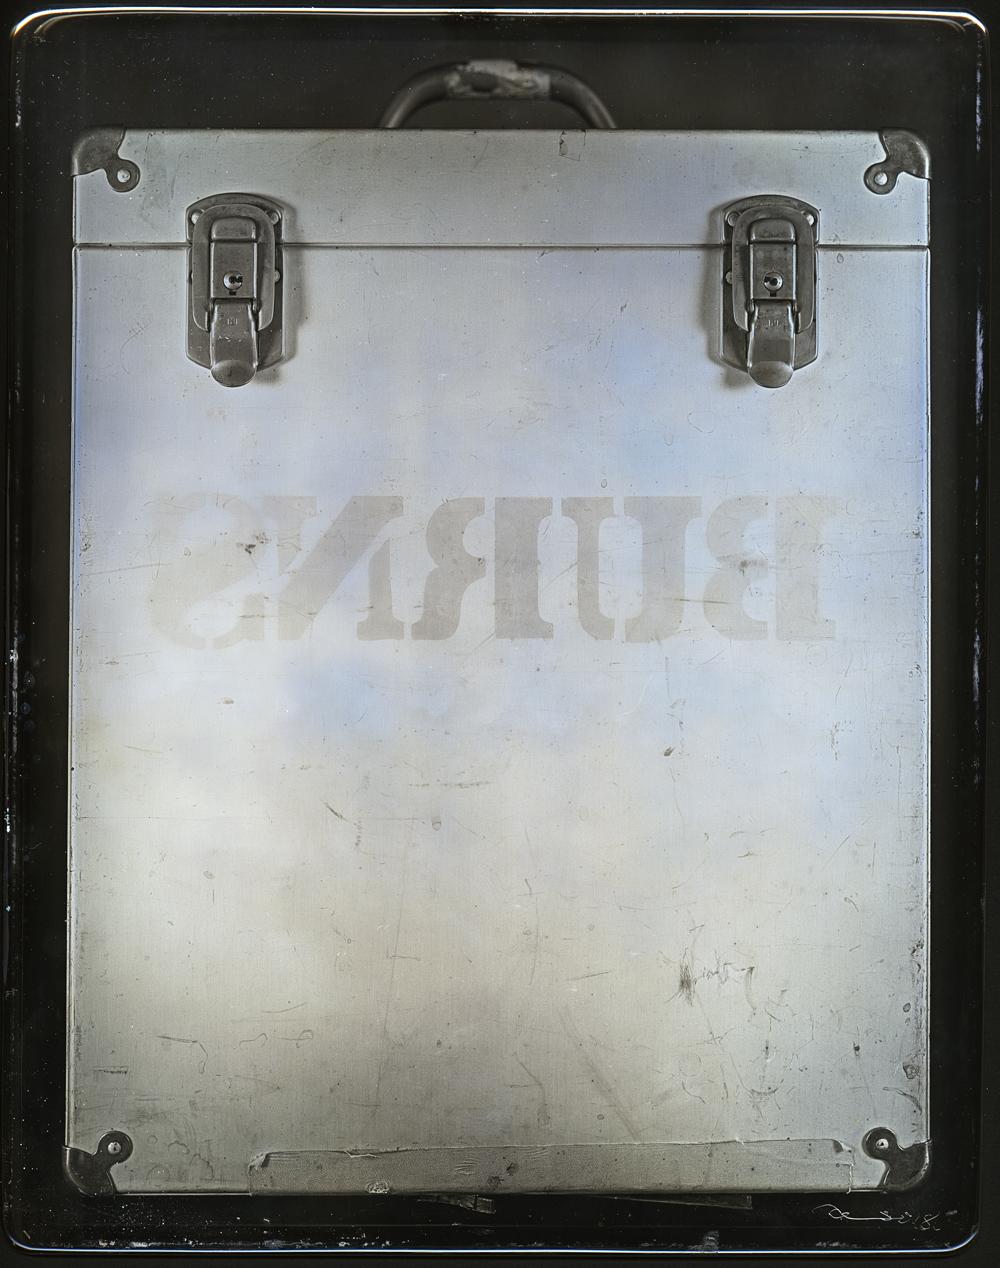 Daniel Carrillo, Burns Box, 2018, daguerreotype, 10 x 8 inches, $4000.